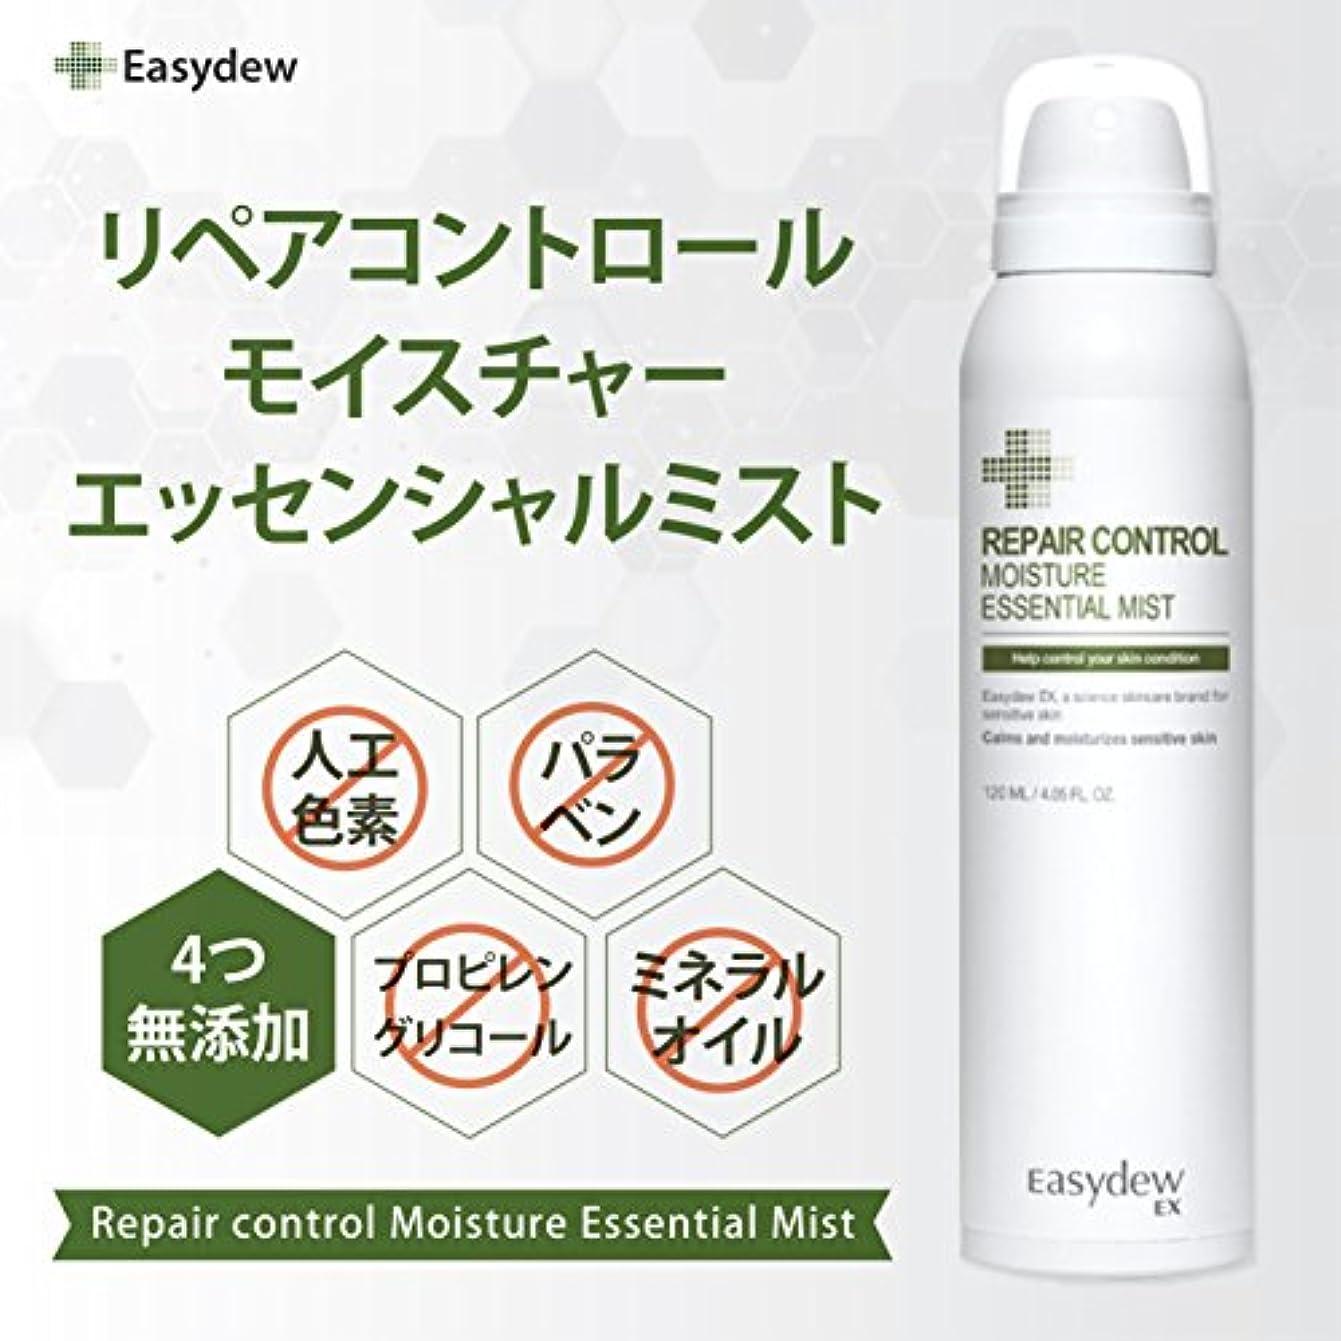 仮説アーク小川EASYDEW EX リペア コントロール モイスチャー エッセンシャル ミスト Repair Control Moisture Essential Mist 120ml